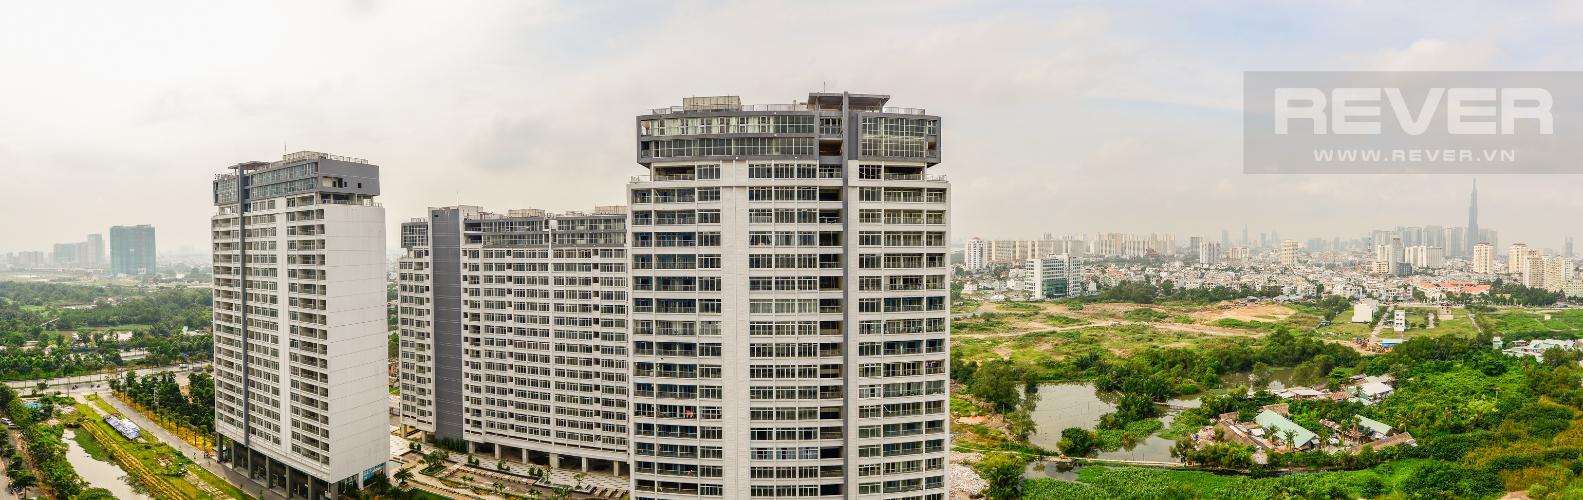 View Cho thuê căn hộ Imperia An Phú tầng cao, 3PN diện tích rộng rãi